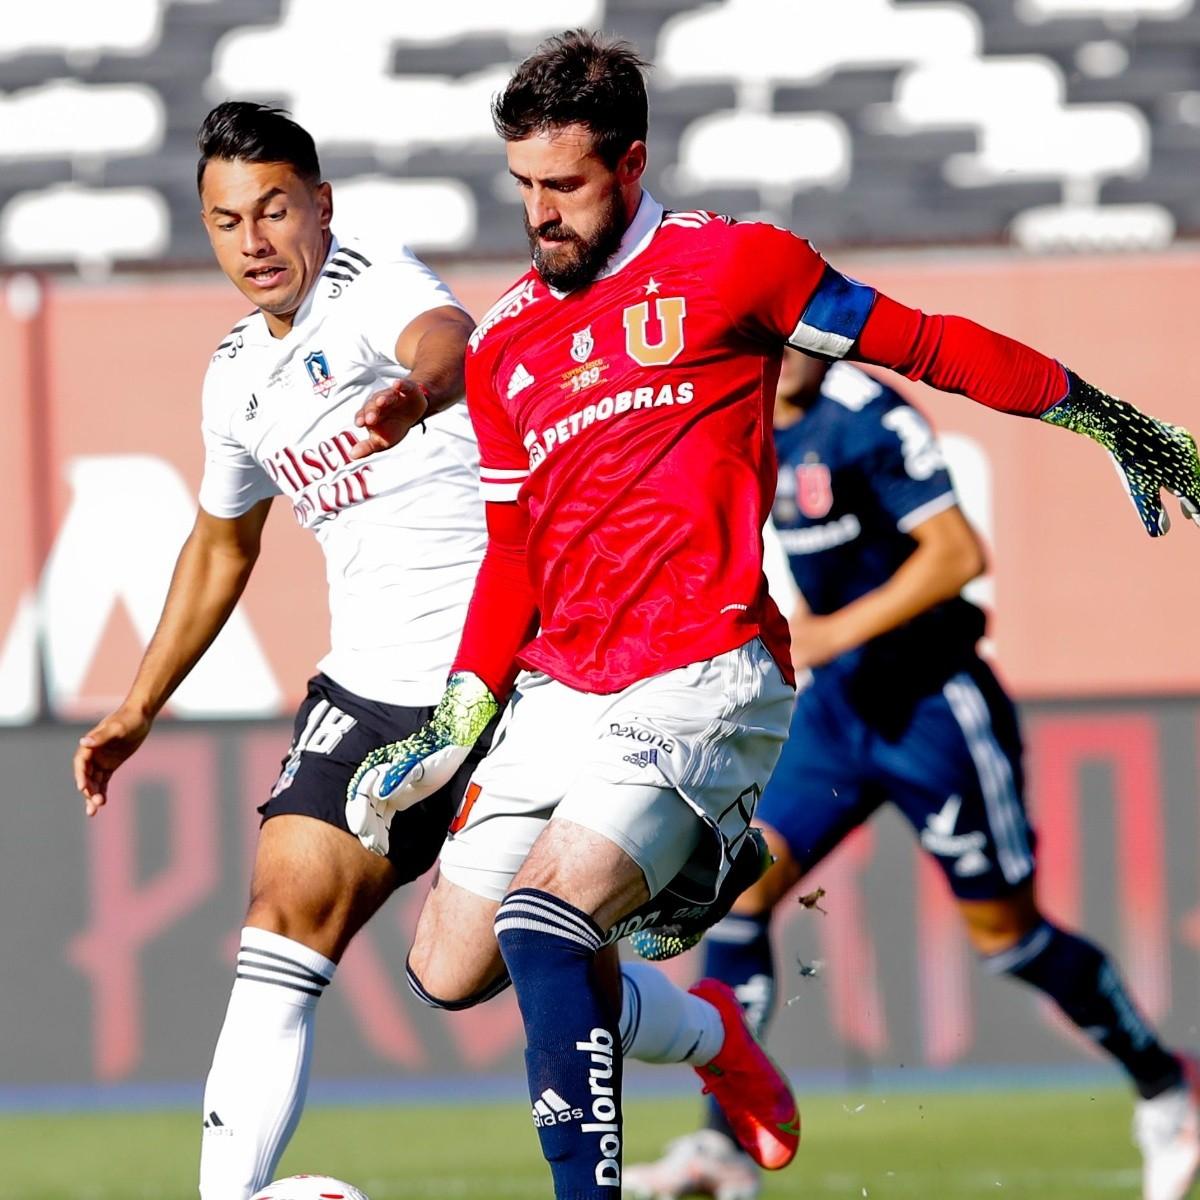 EN VIVO | 2do Tiempo: Colo Colo 0-0 Universidad de Chile | Transmisión MINUTO a MINUTO, ONLINE y EN DIRECTO del Superclásico 189 | Dale Albo